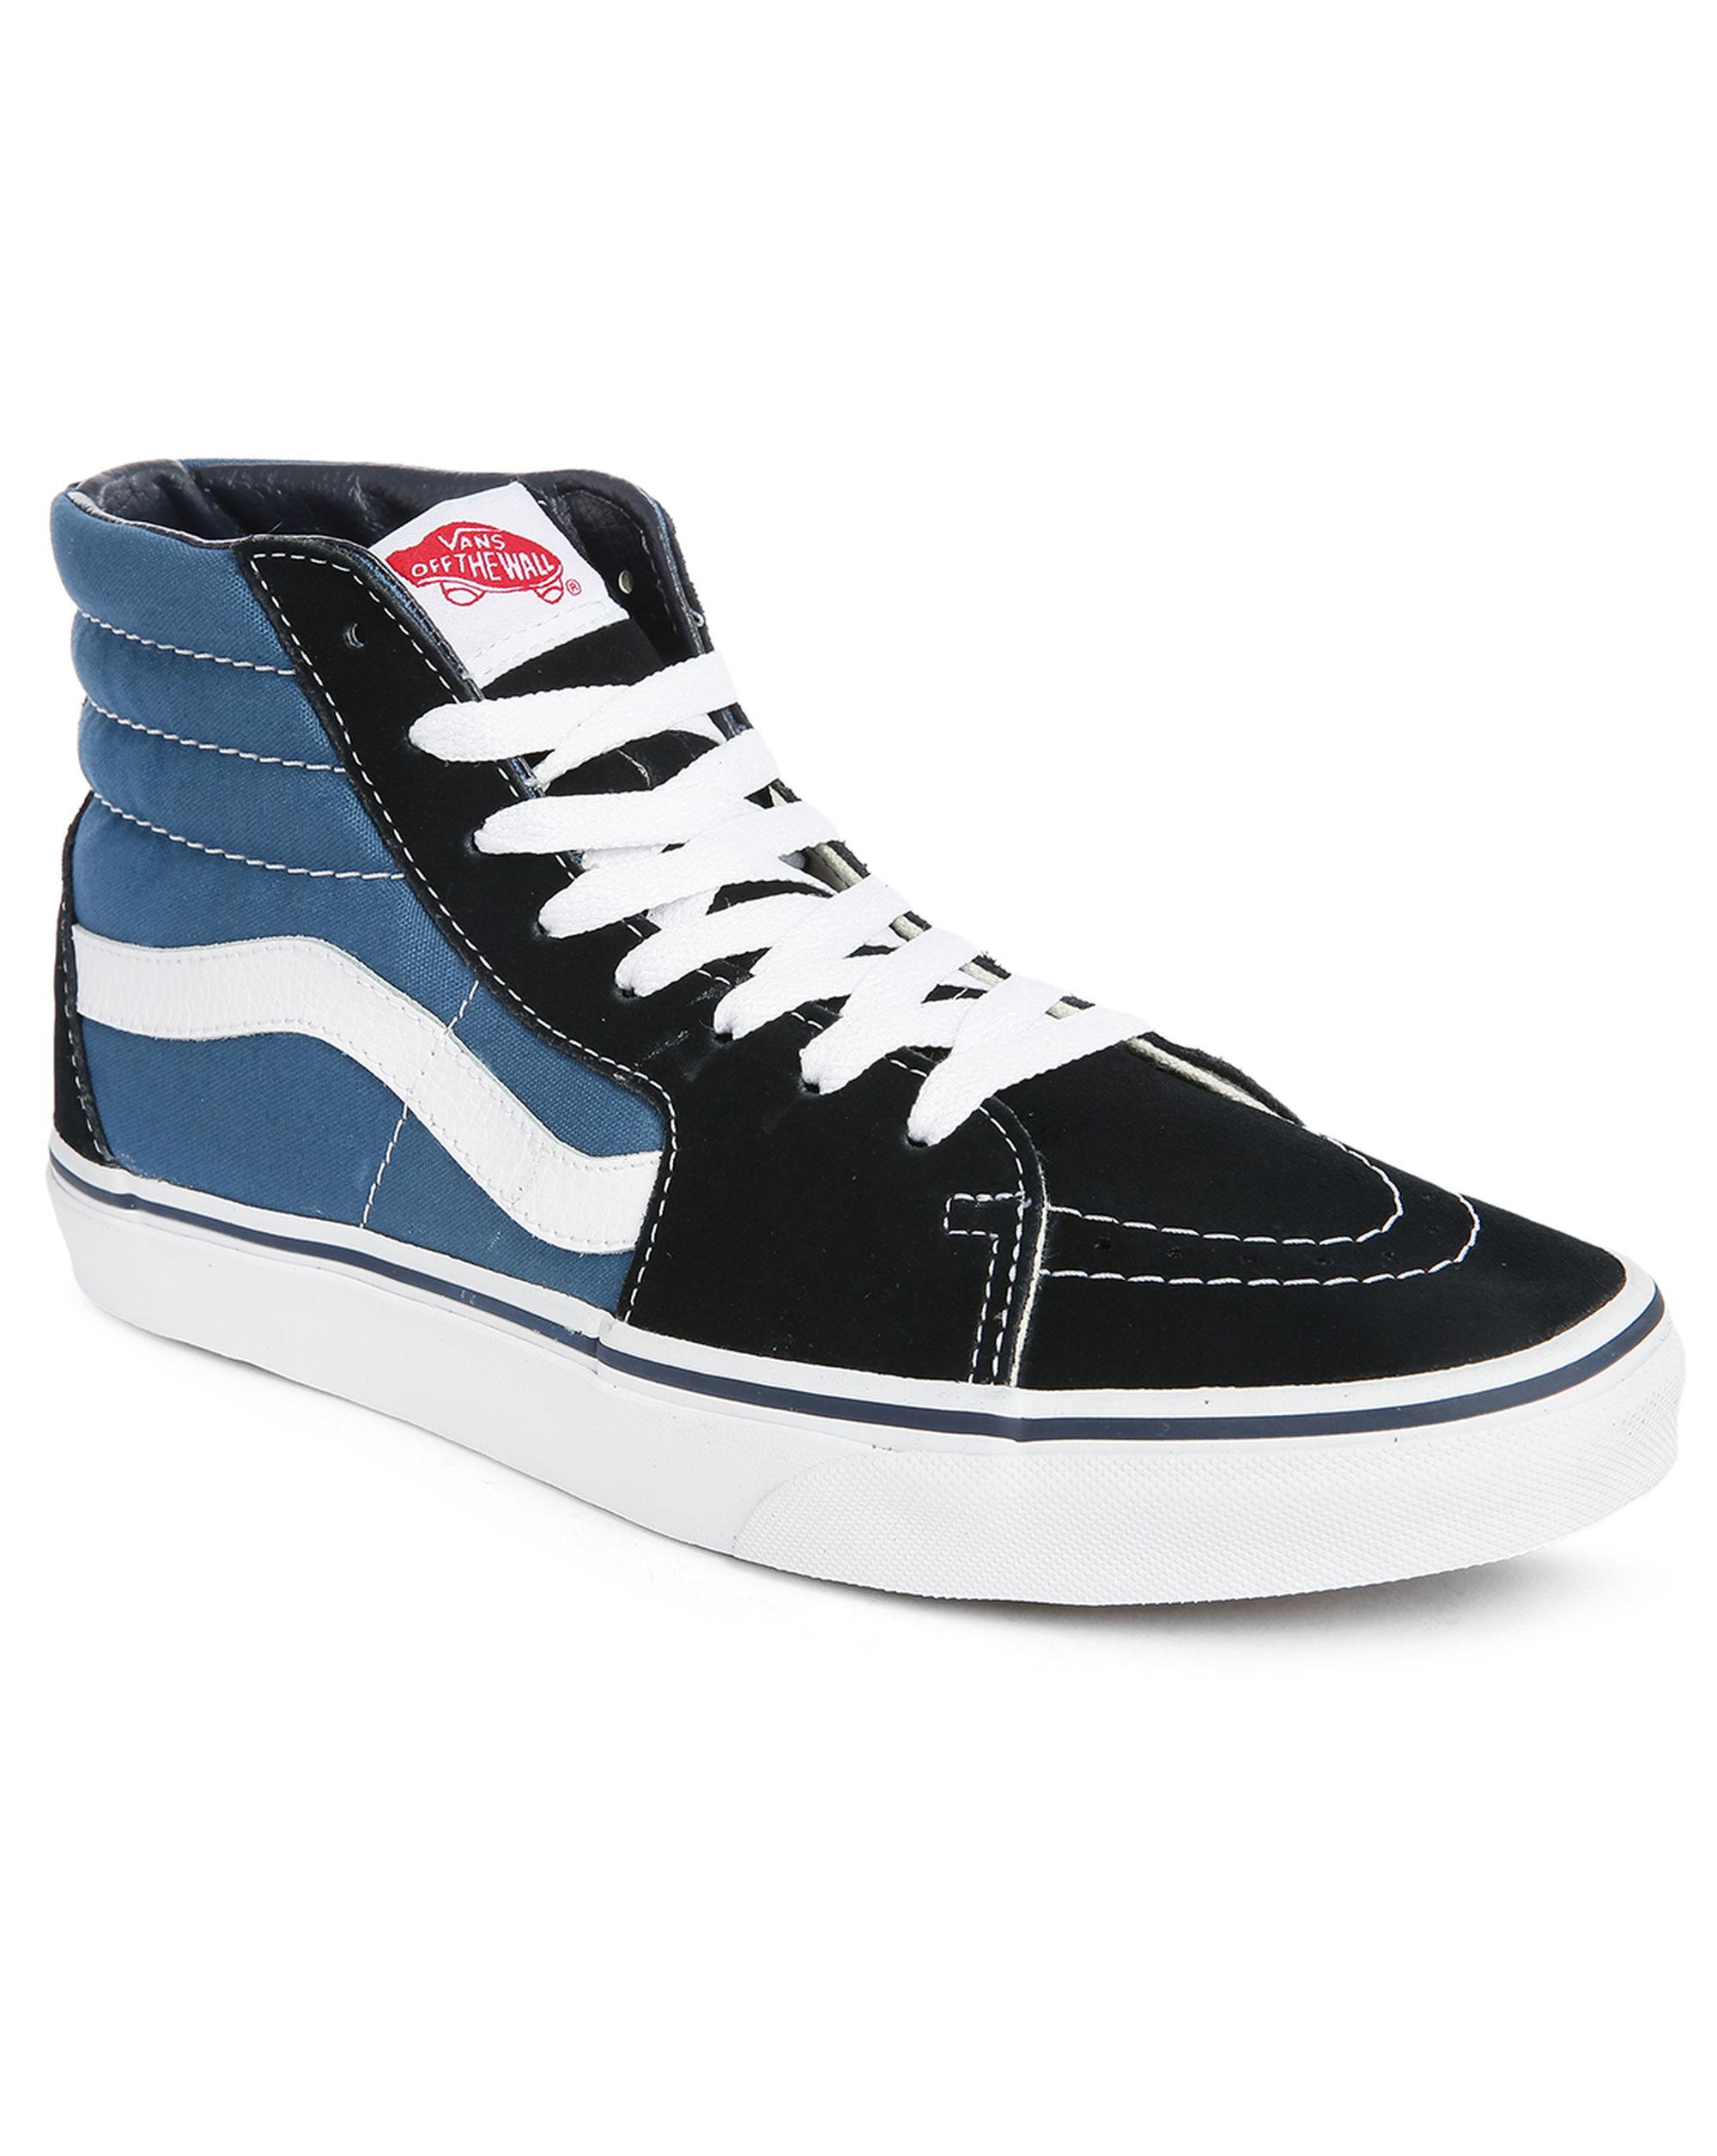 vans black blue sk8 hi sneakers in black for men lyst. Black Bedroom Furniture Sets. Home Design Ideas